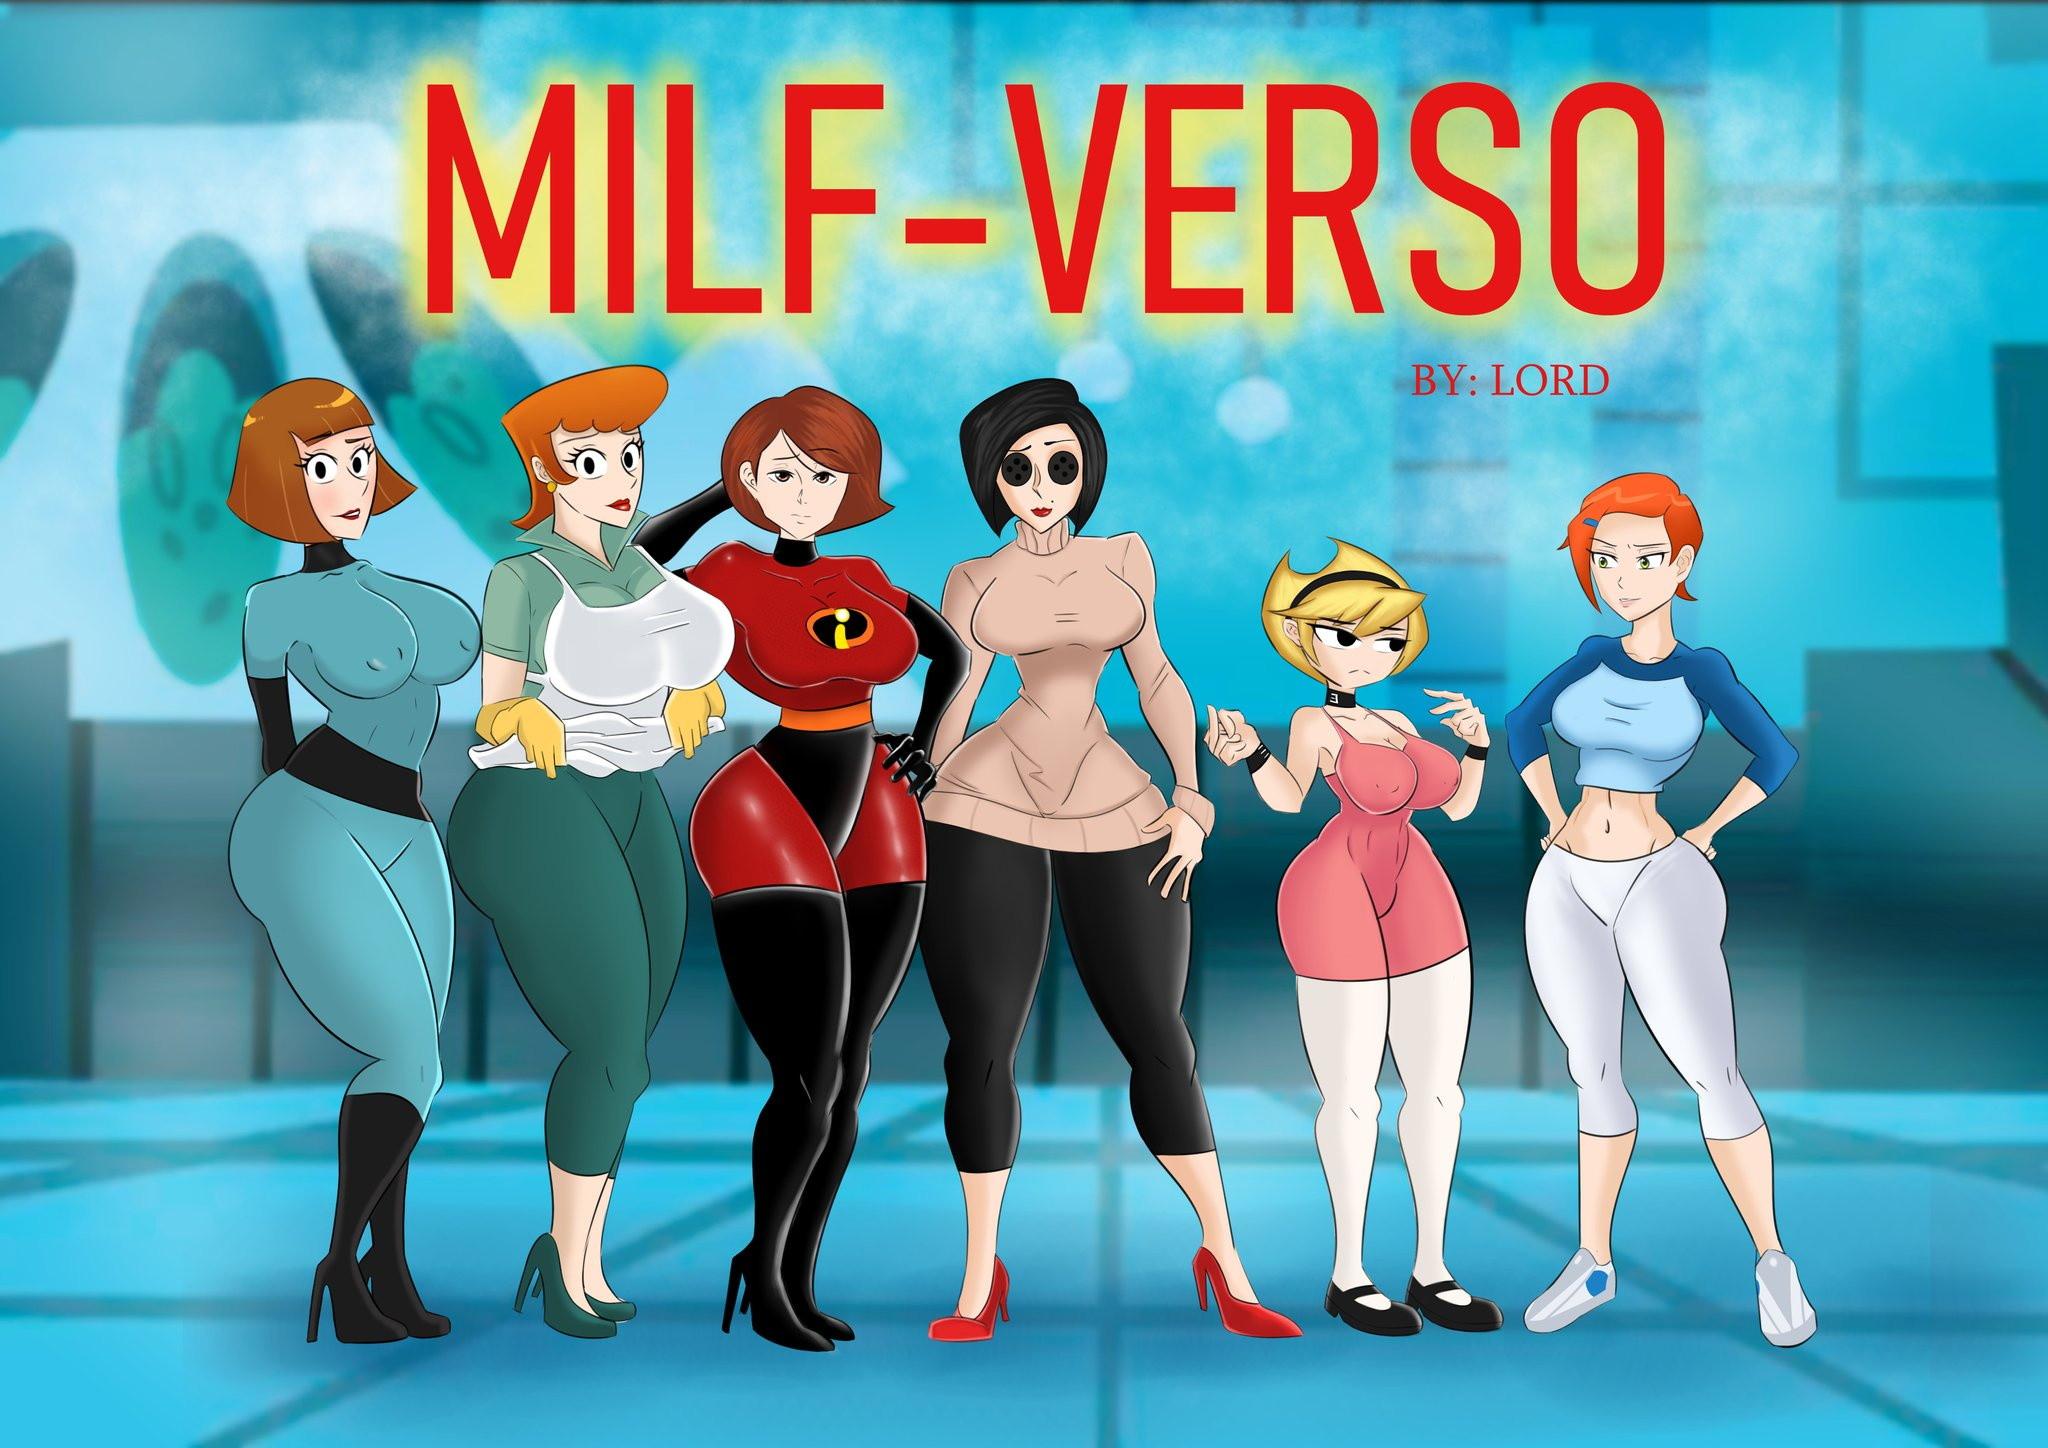 Milf-Verso Las Madres más Sexys de los Comics